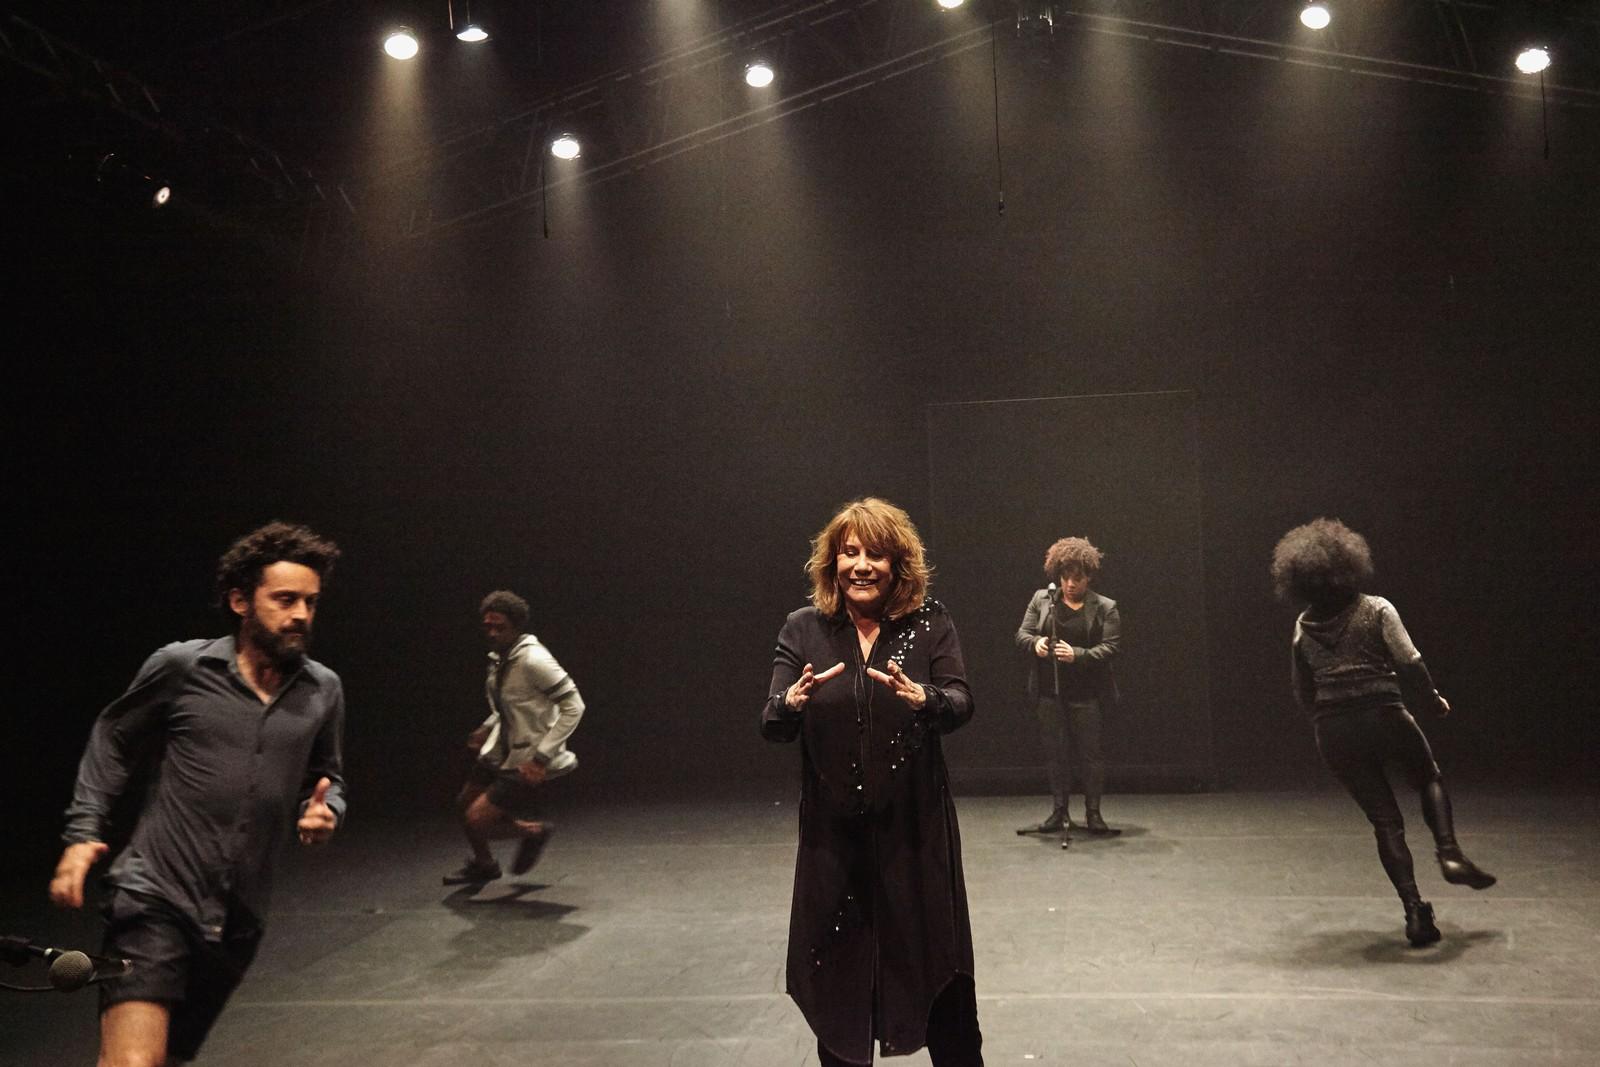 Espetáculo 'Preto', com Renata Sorrah, abre a programação no Teatro de Santa Isabel. Foto: Naná Moraes/Divulgação.